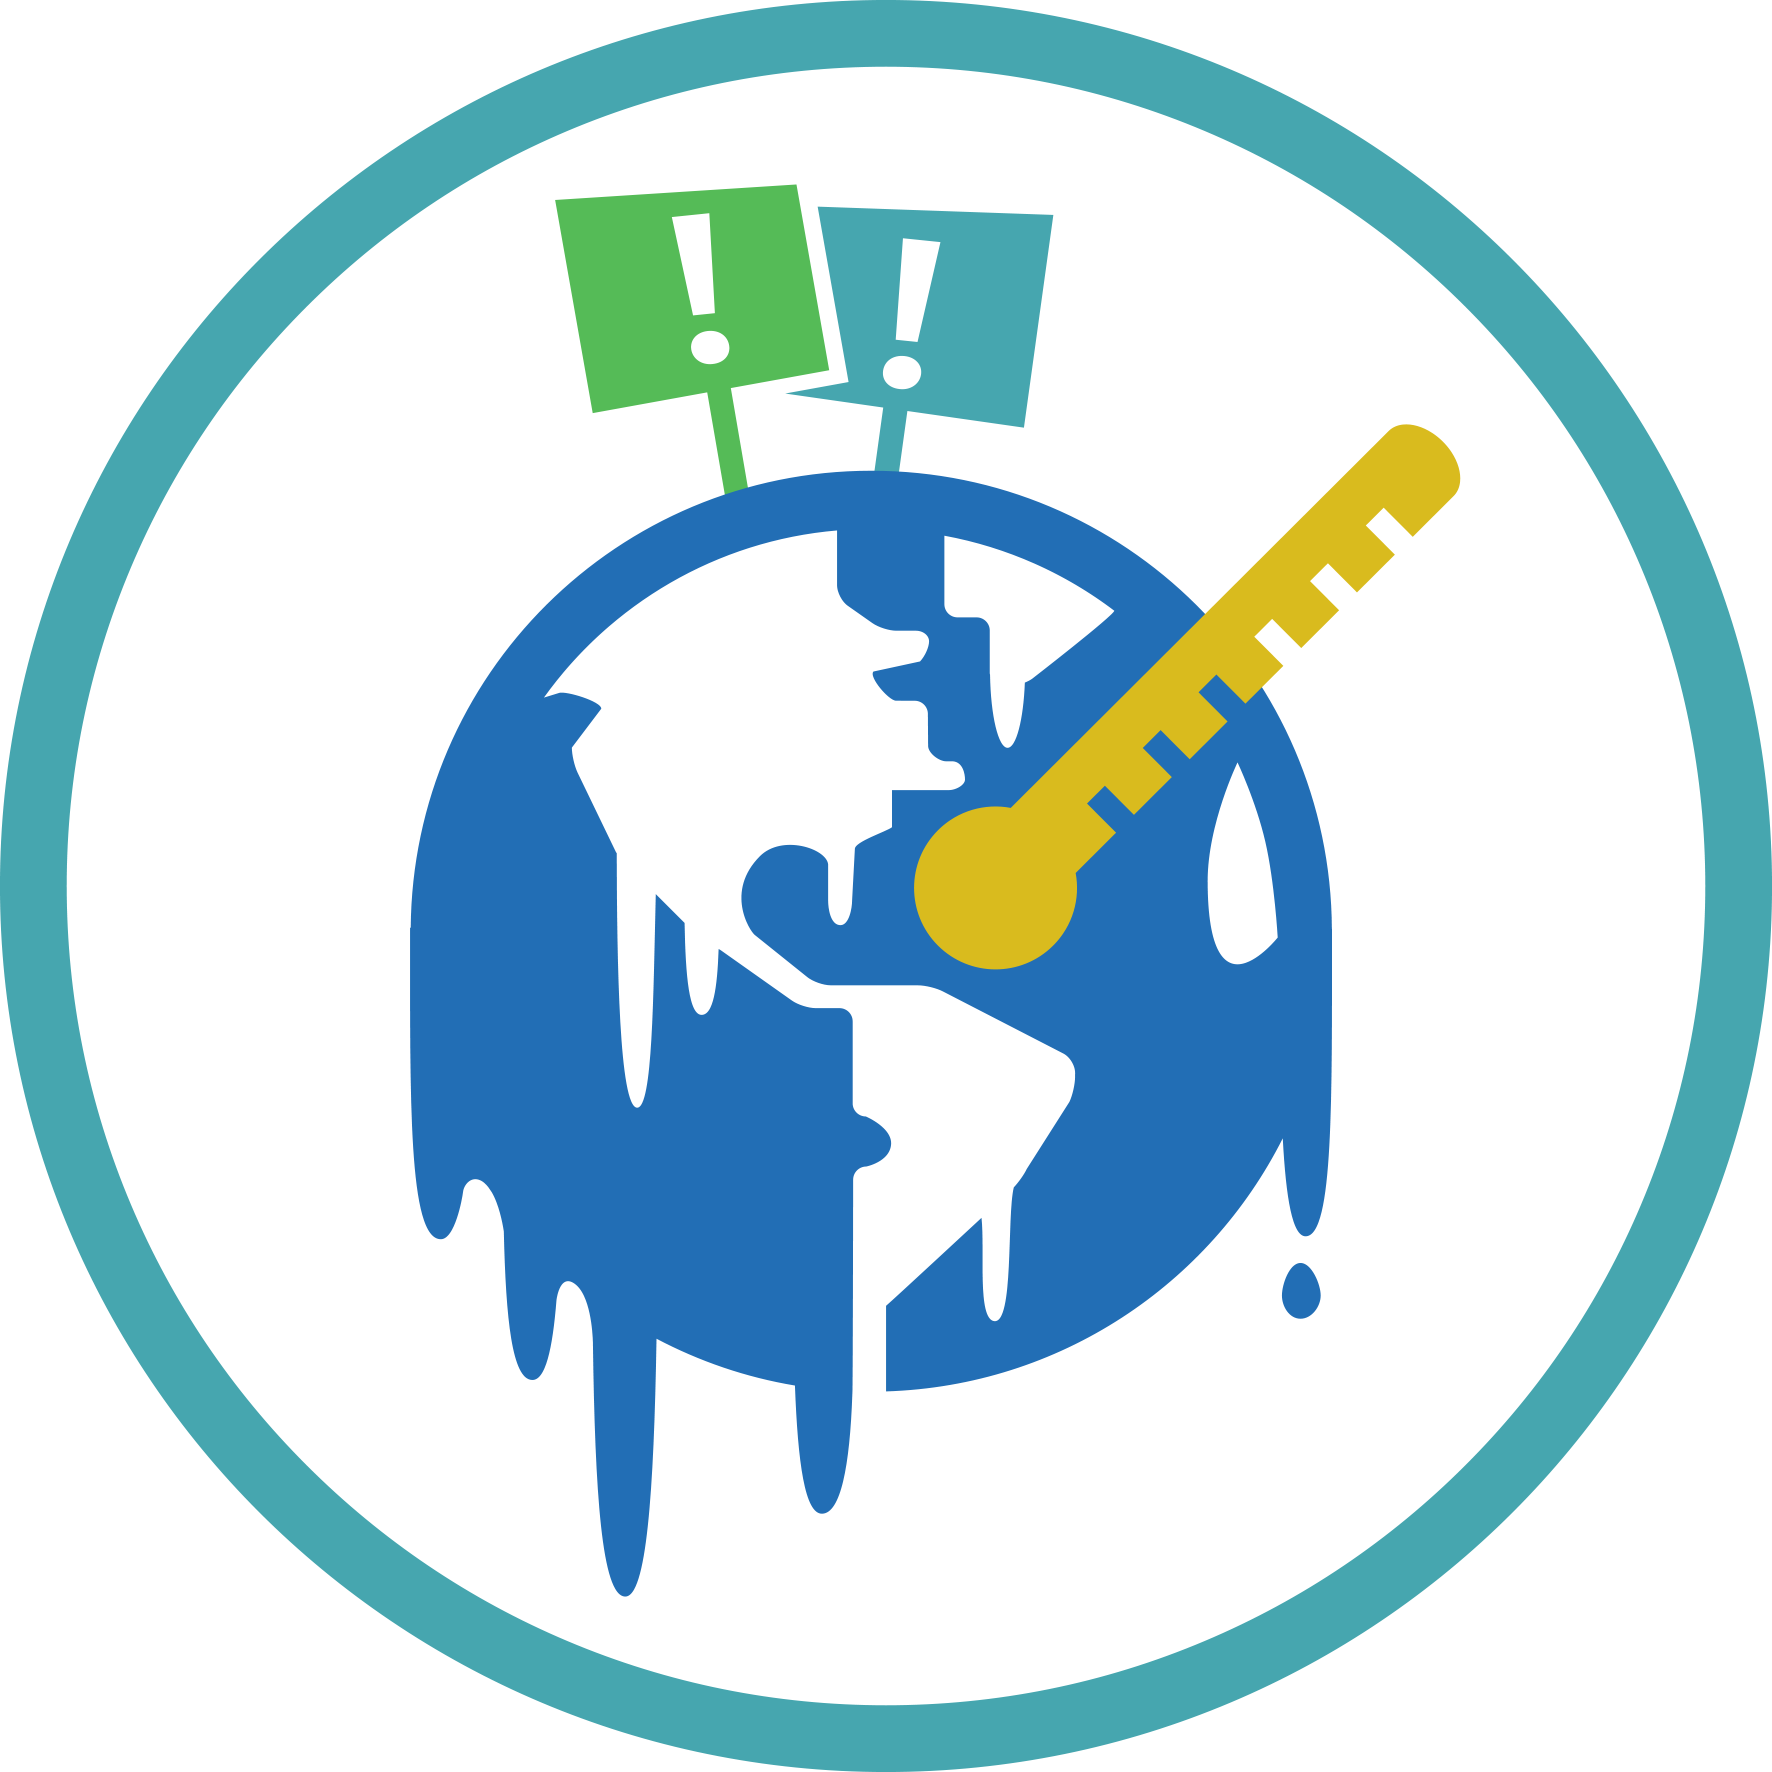 Cap-Net Cambio Climático